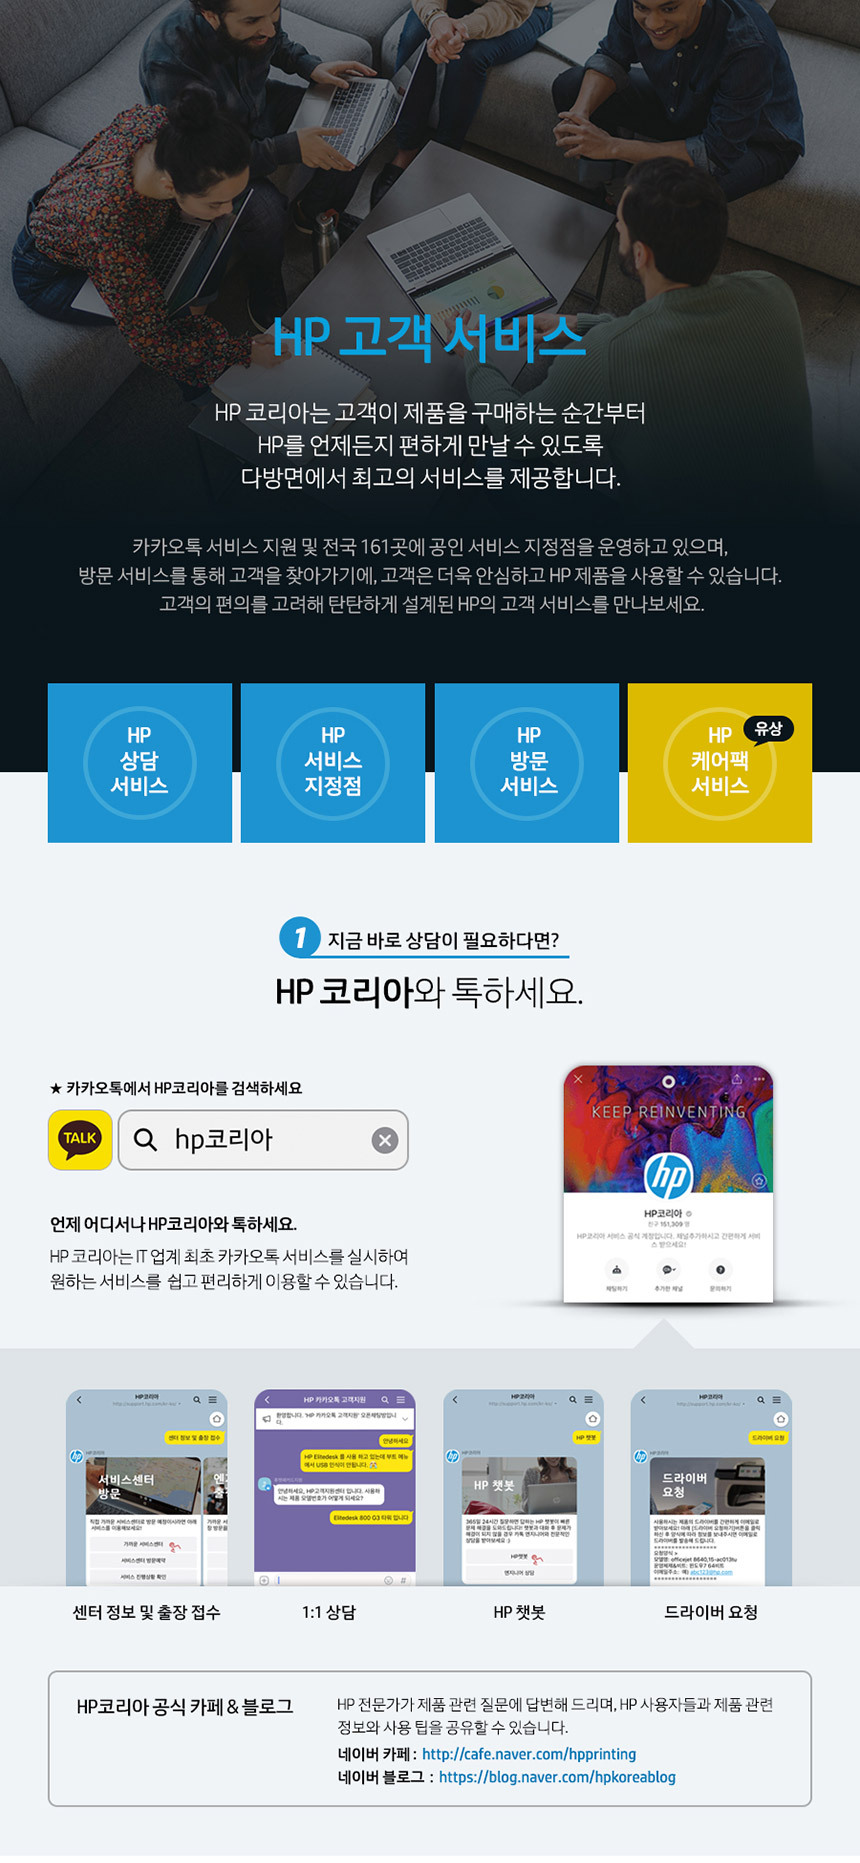 Consumer_01.jpg